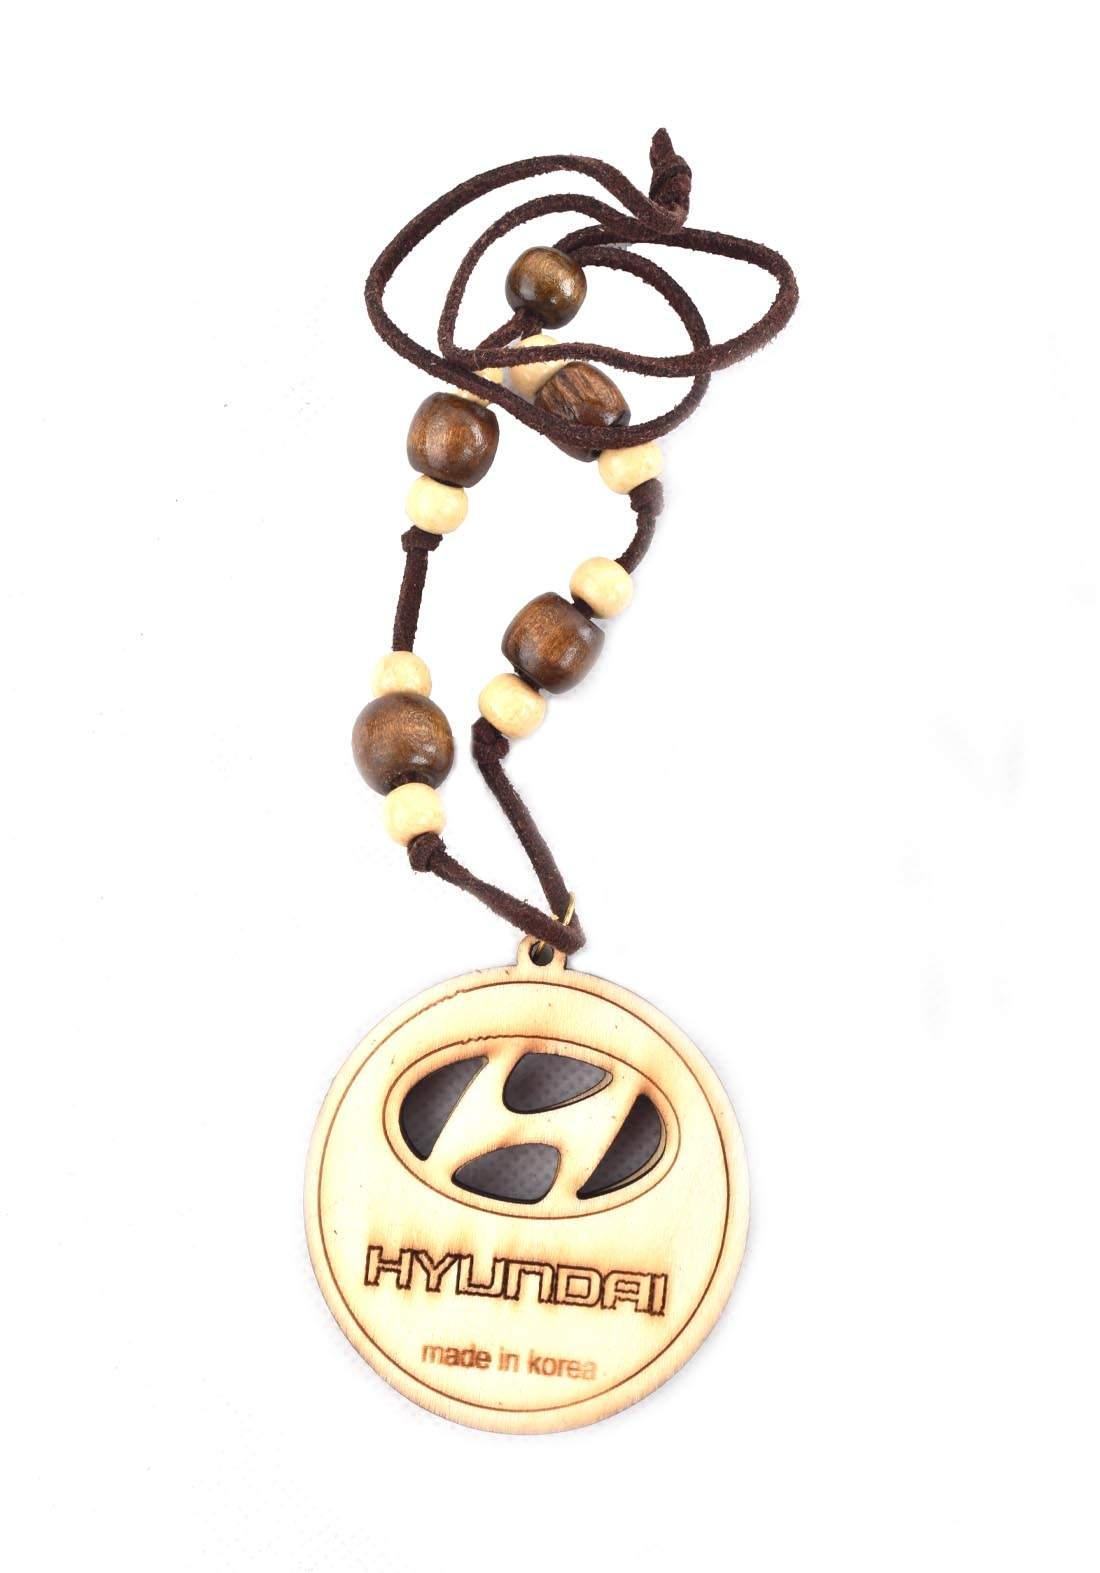 Car Medal - Hyundai تعليقة مرآة السيارة